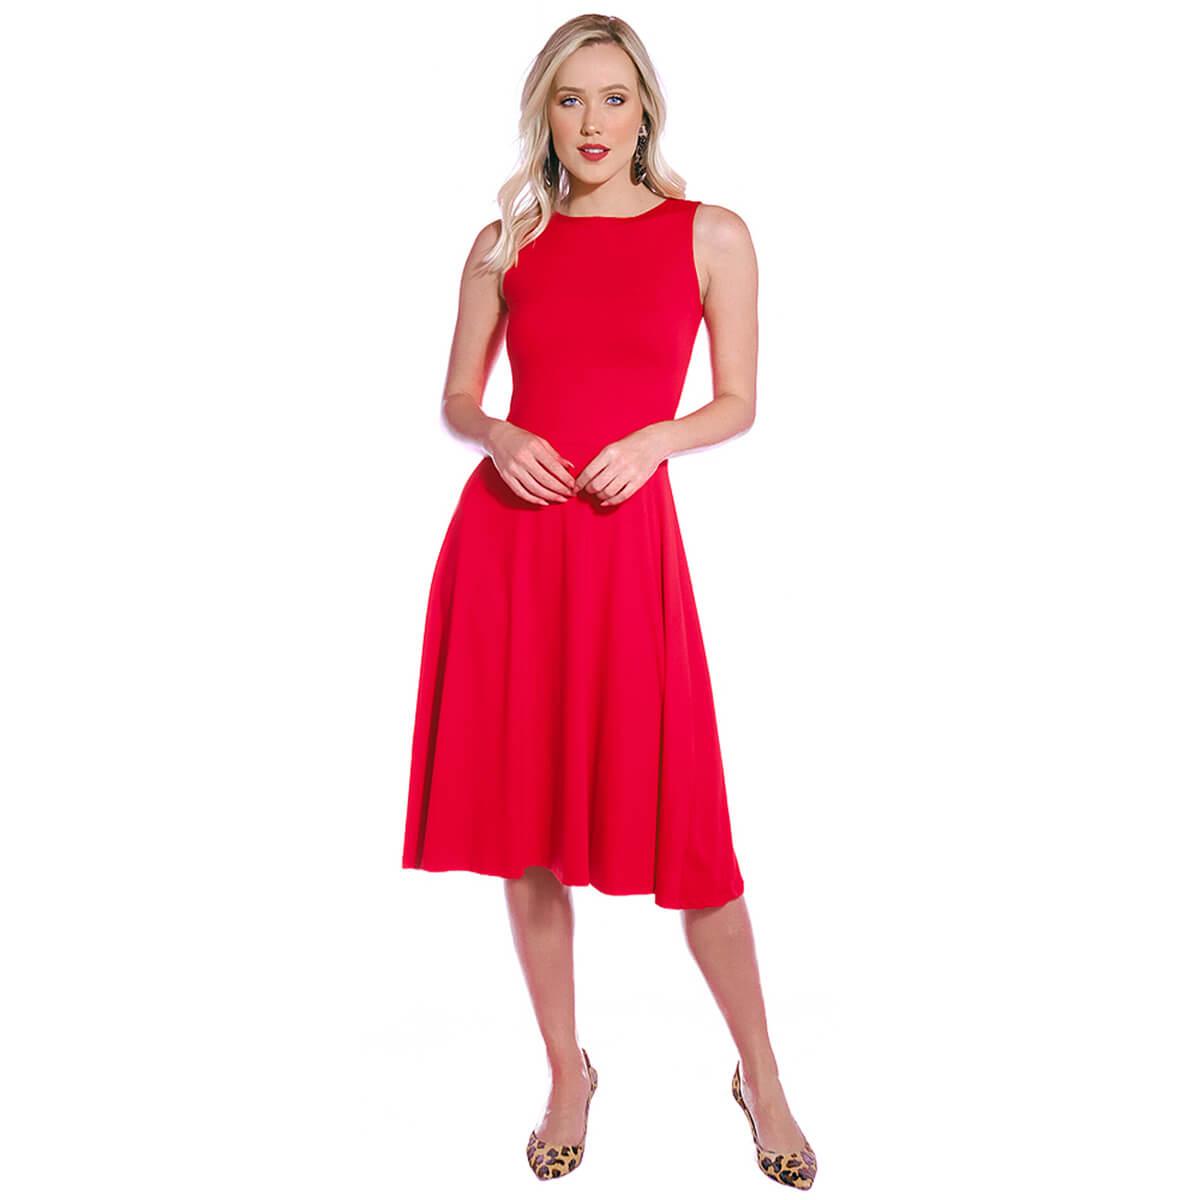 Vestido Vermelho FICALINDA Regata Decote Canoa